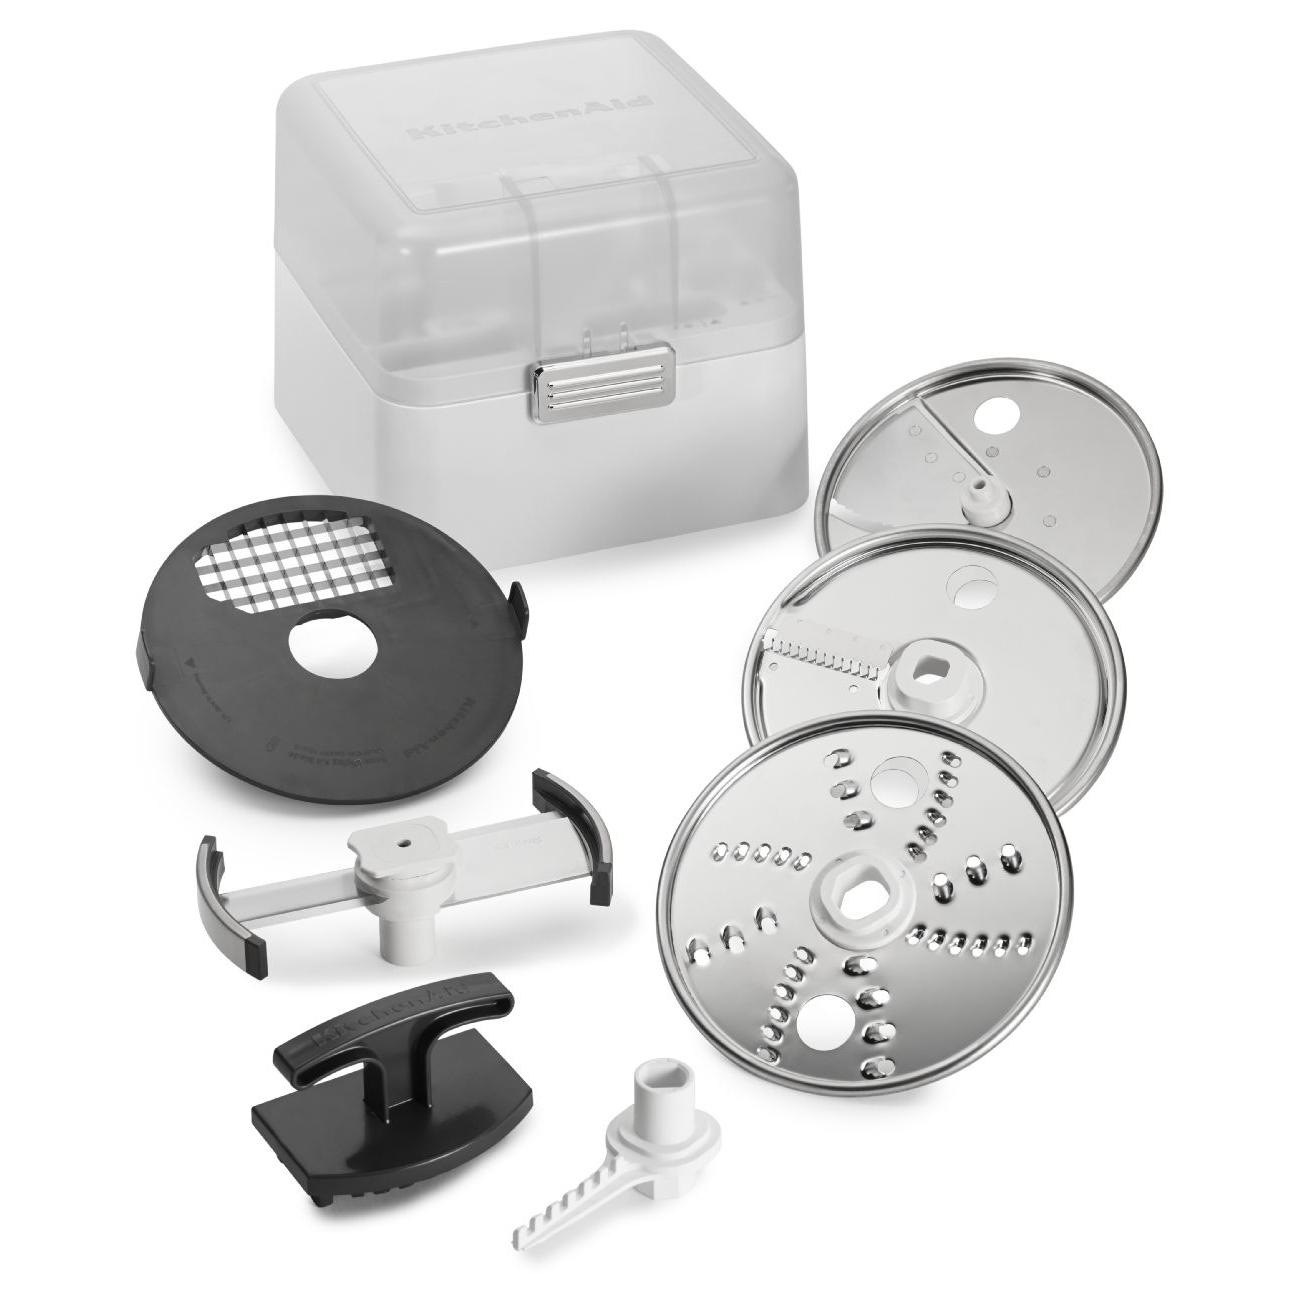 KitchenAid KSM1FPA Food Processor Attachment Accessory Kit